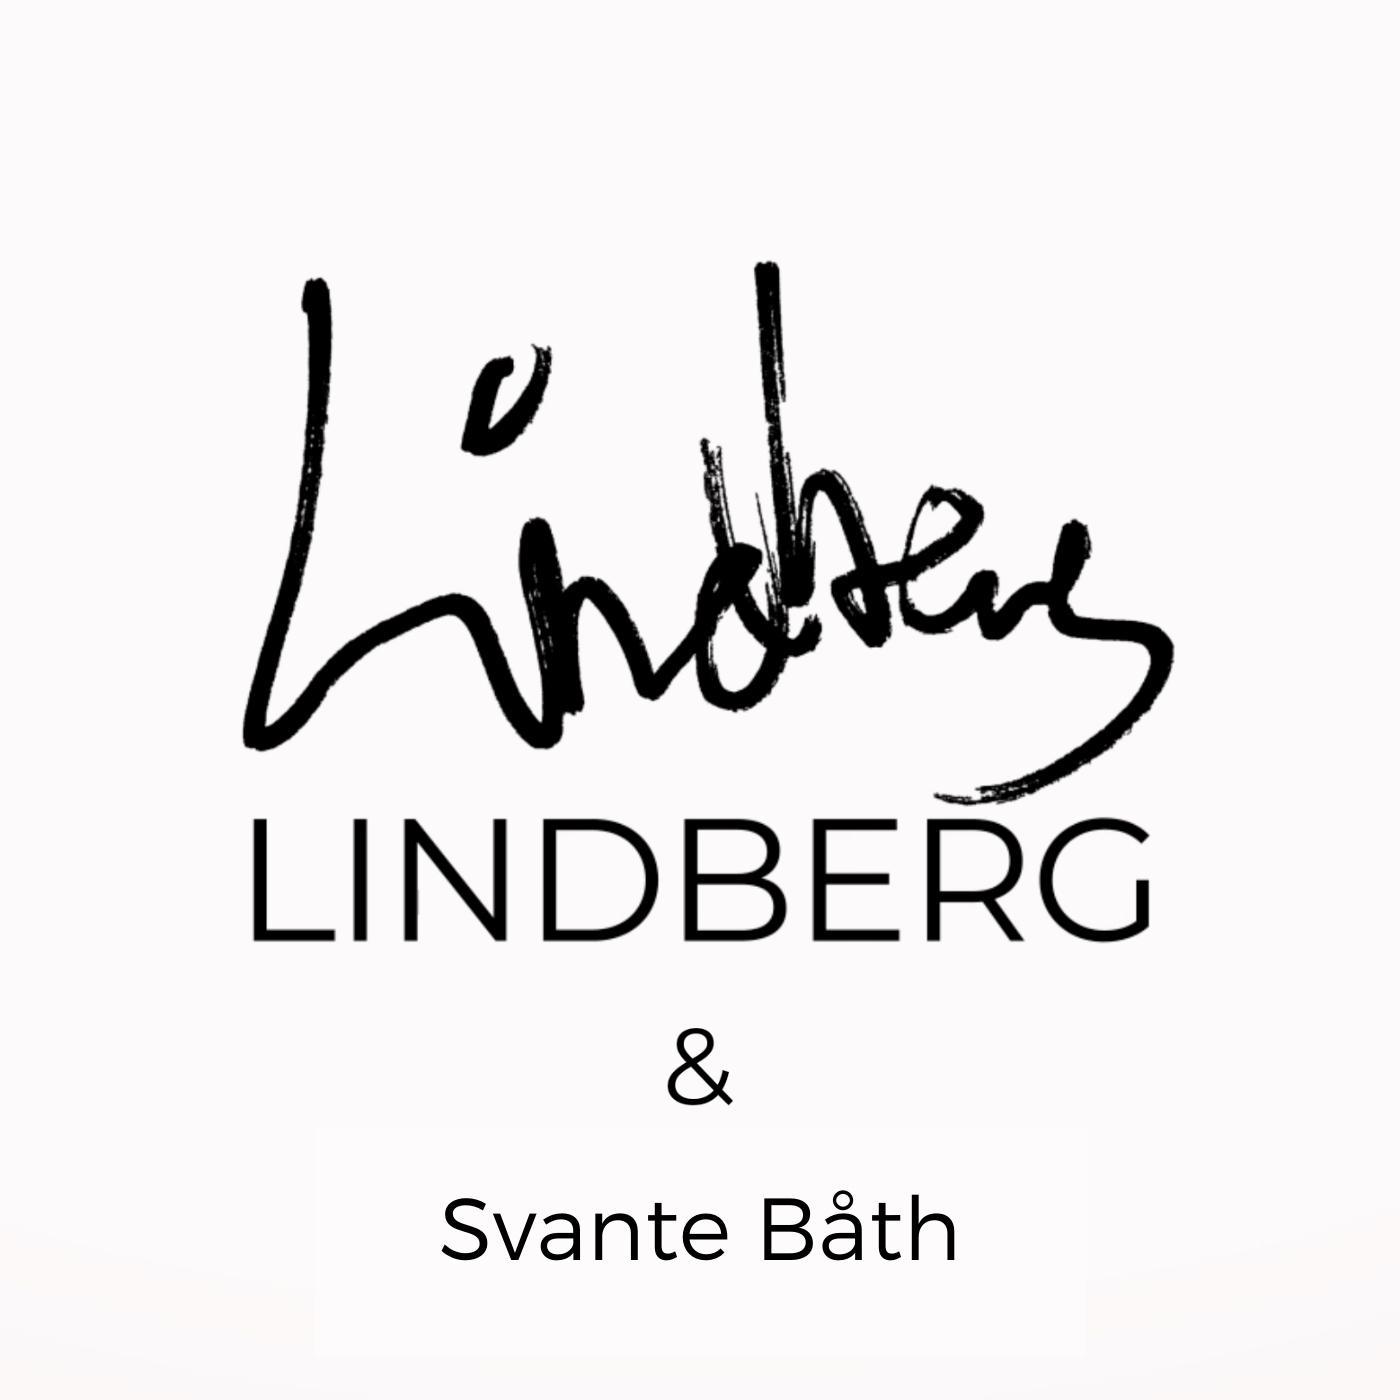 LINDBERG: Svante Båth